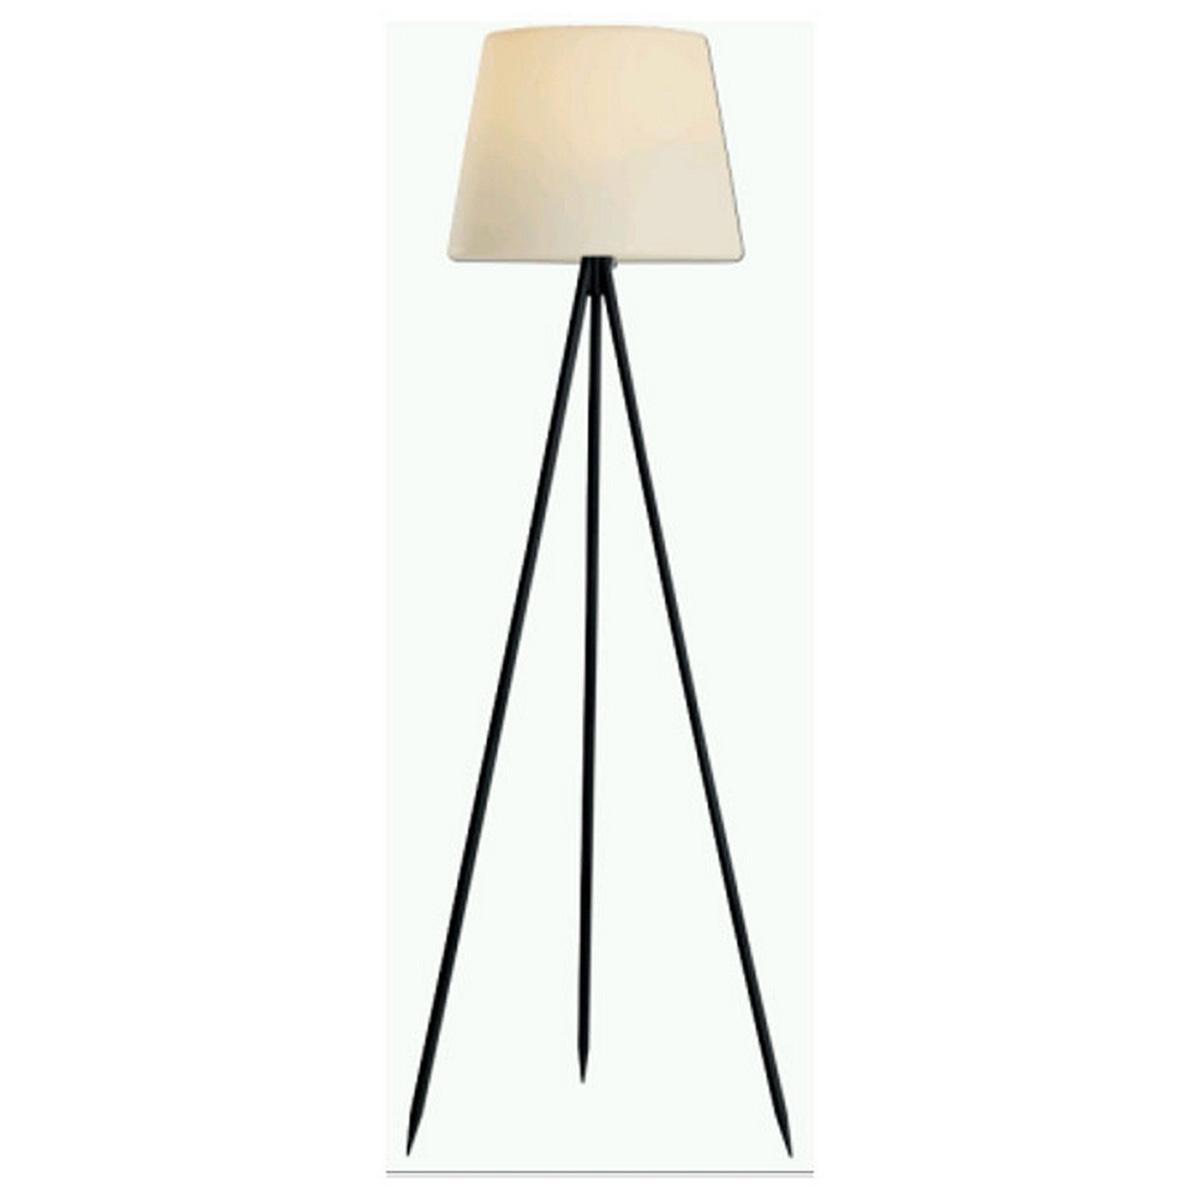 Lampadaire d'extérieur à 3 pieds - Noir - 60.00 cm x 60.00 cm x 150.00 cm